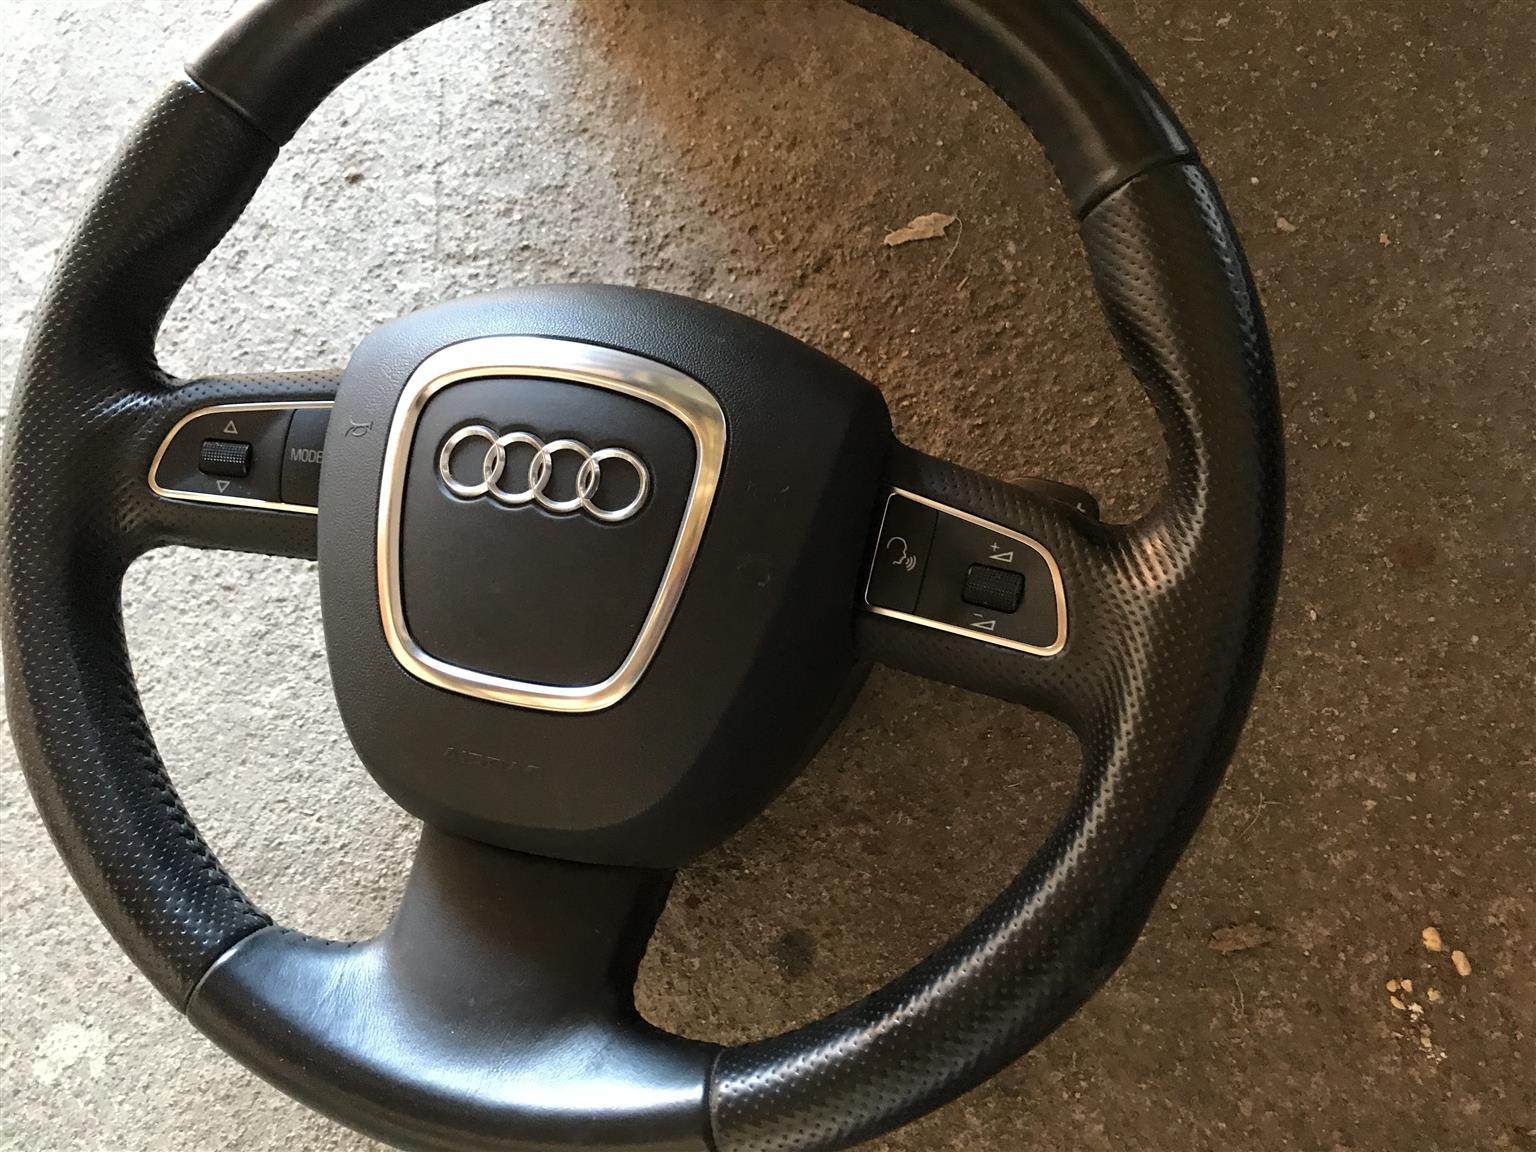 Suspension and Steering Steering Wheels